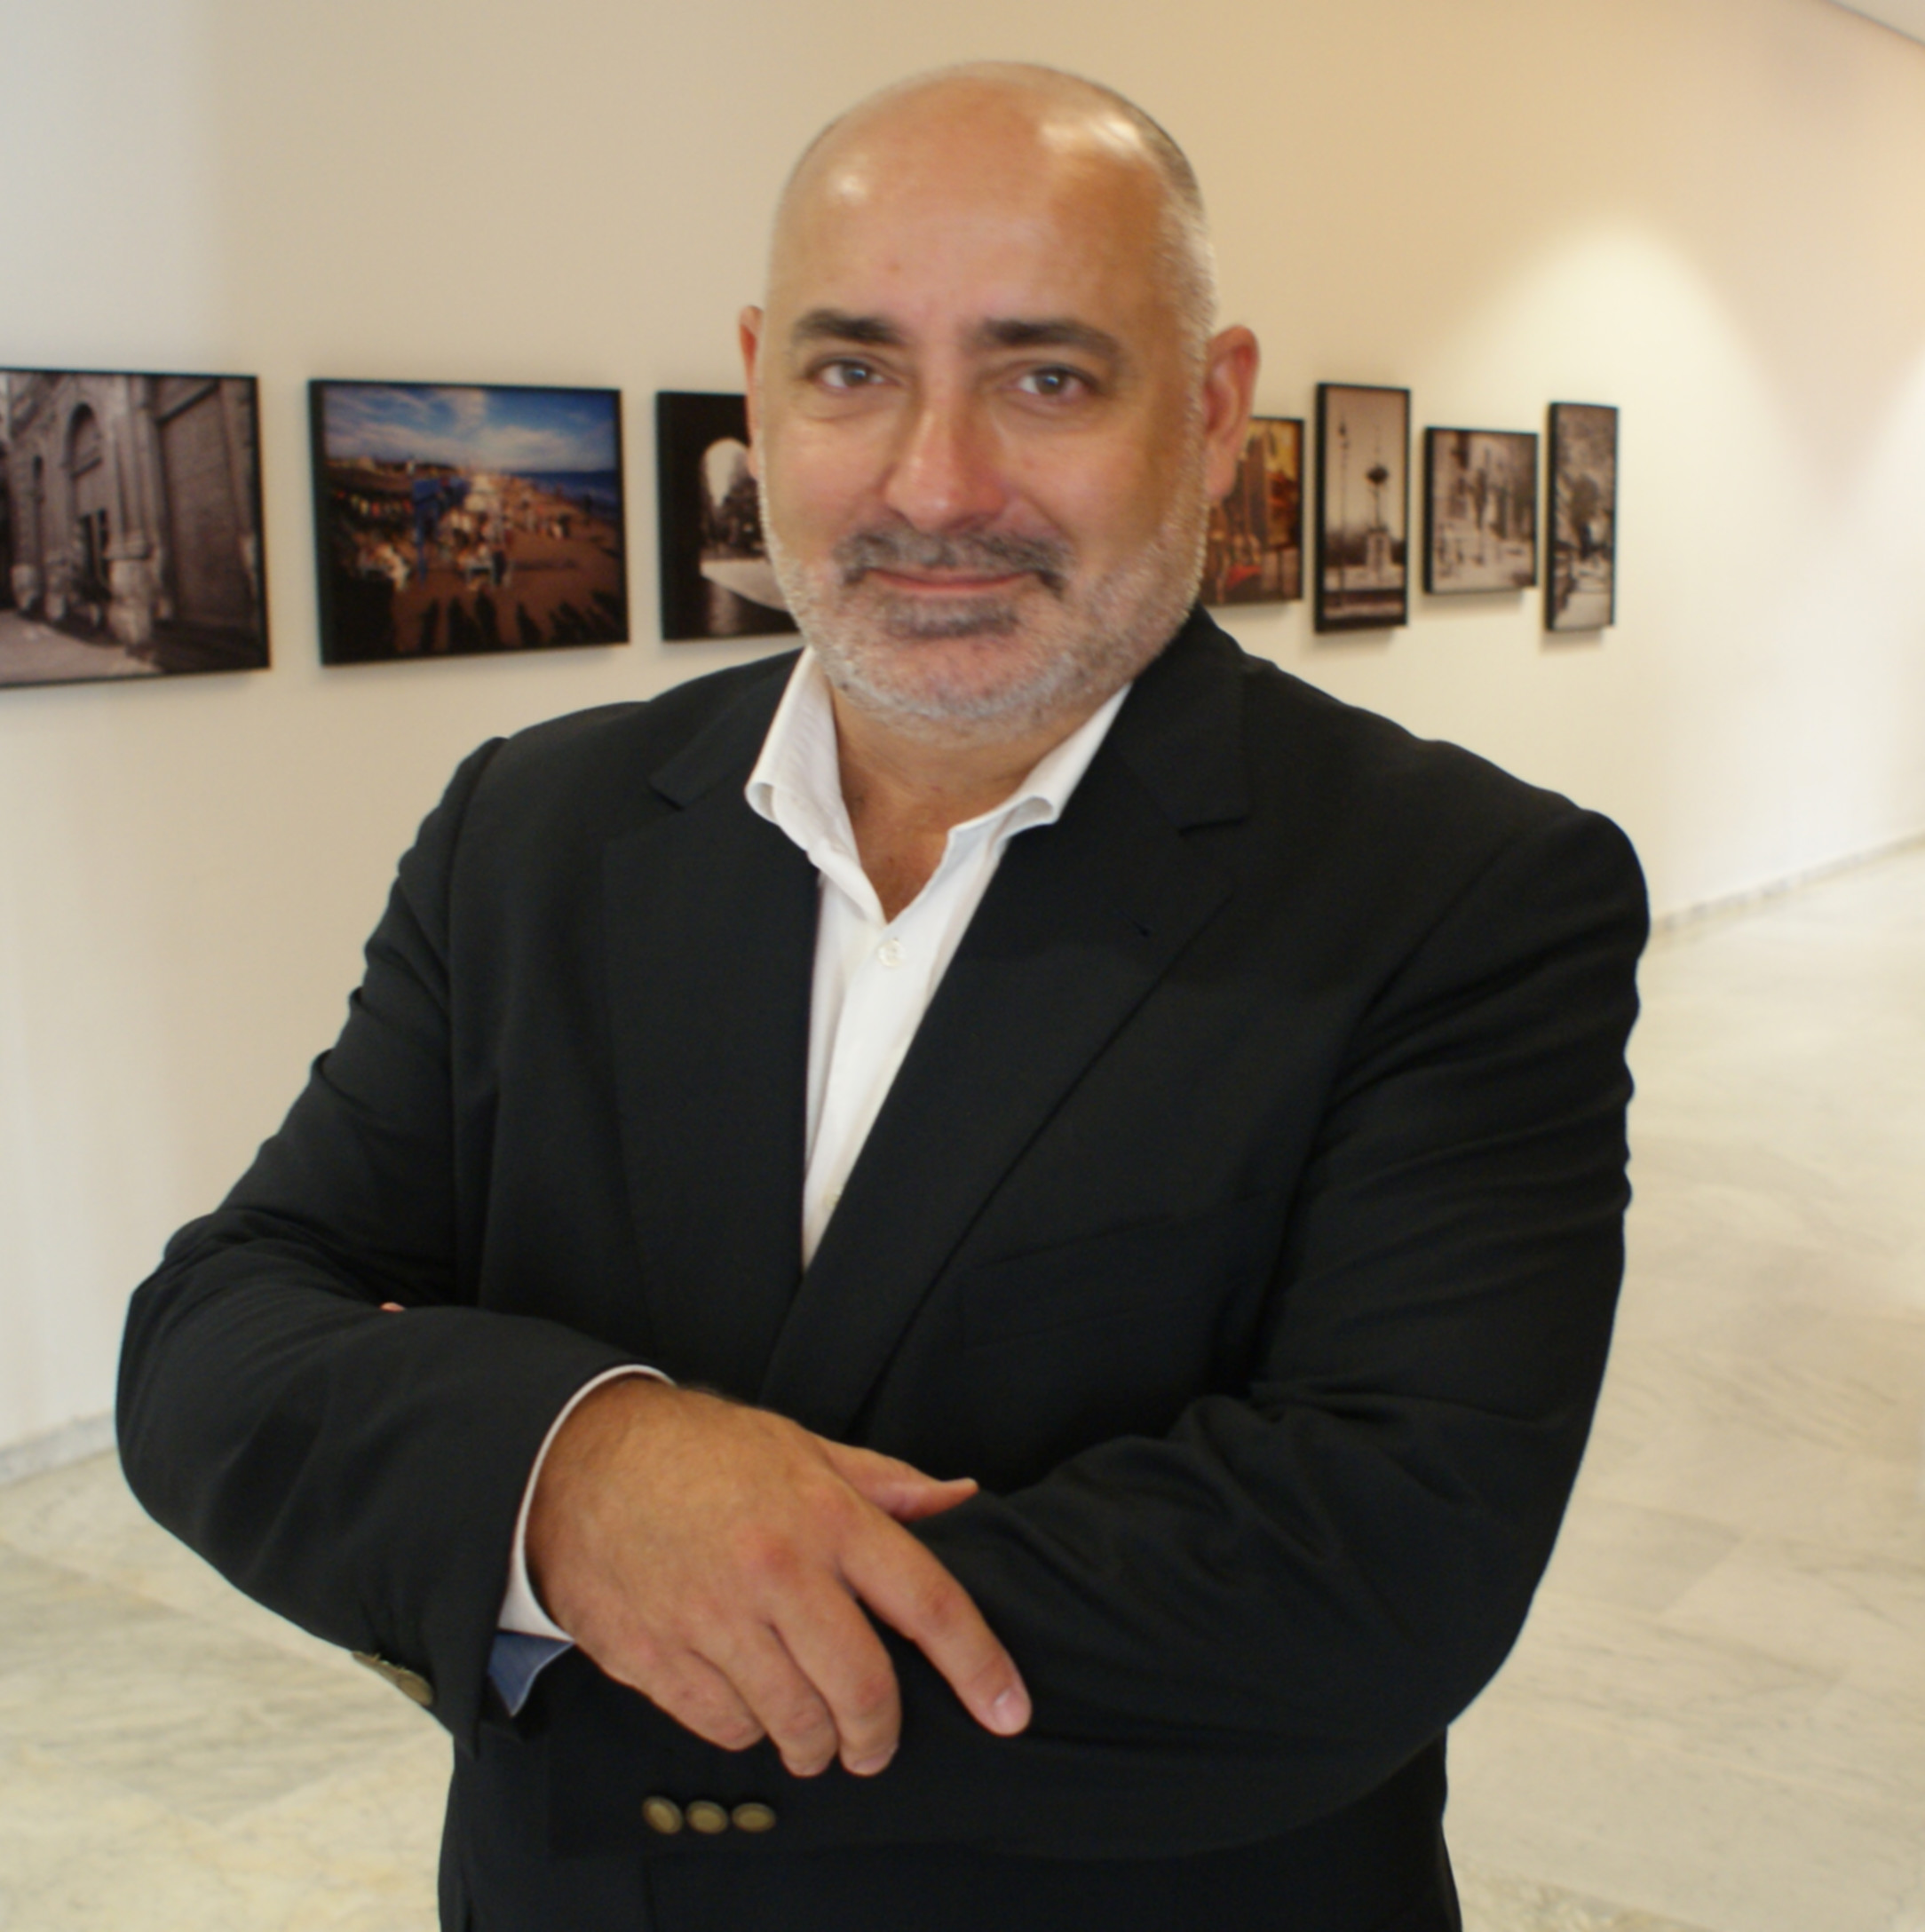 José Francisco Almería Serrano